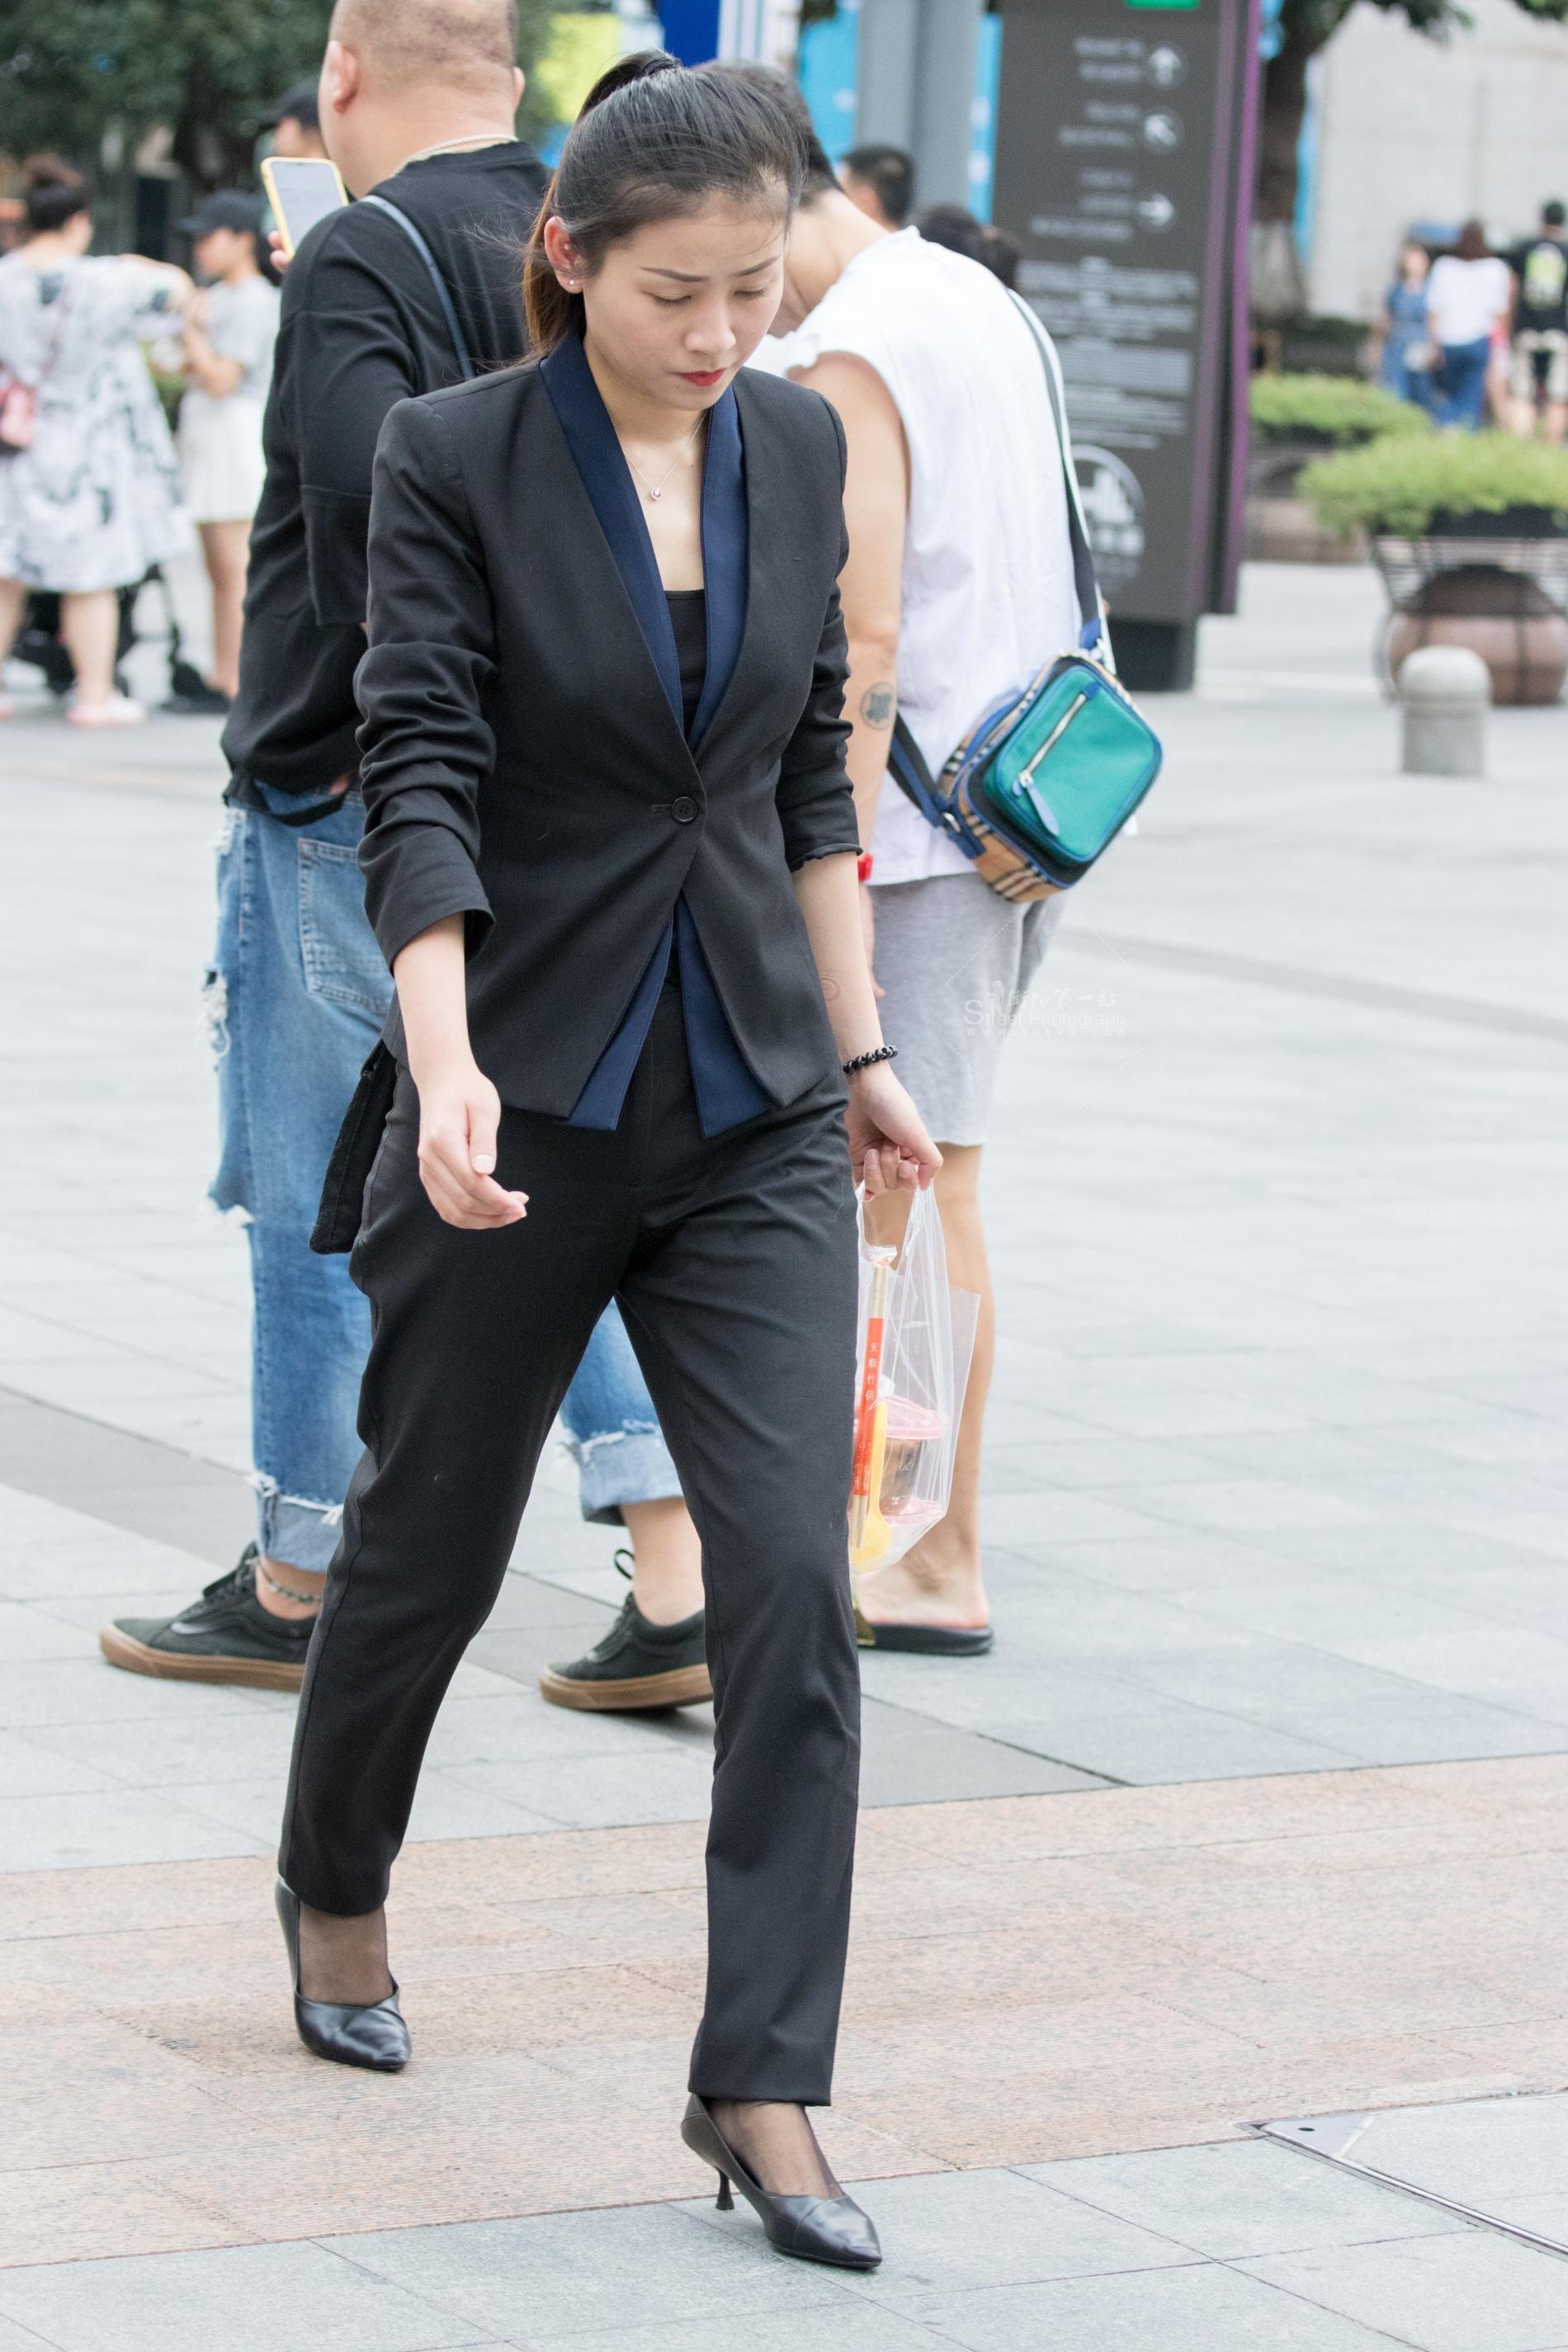 街拍制服,街拍制服美女,街拍美女 俊风摄影+重庆9月13贴 颜值身材不错珠宝专柜 制服美女 最新街拍丝袜图片 街拍丝袜第一站